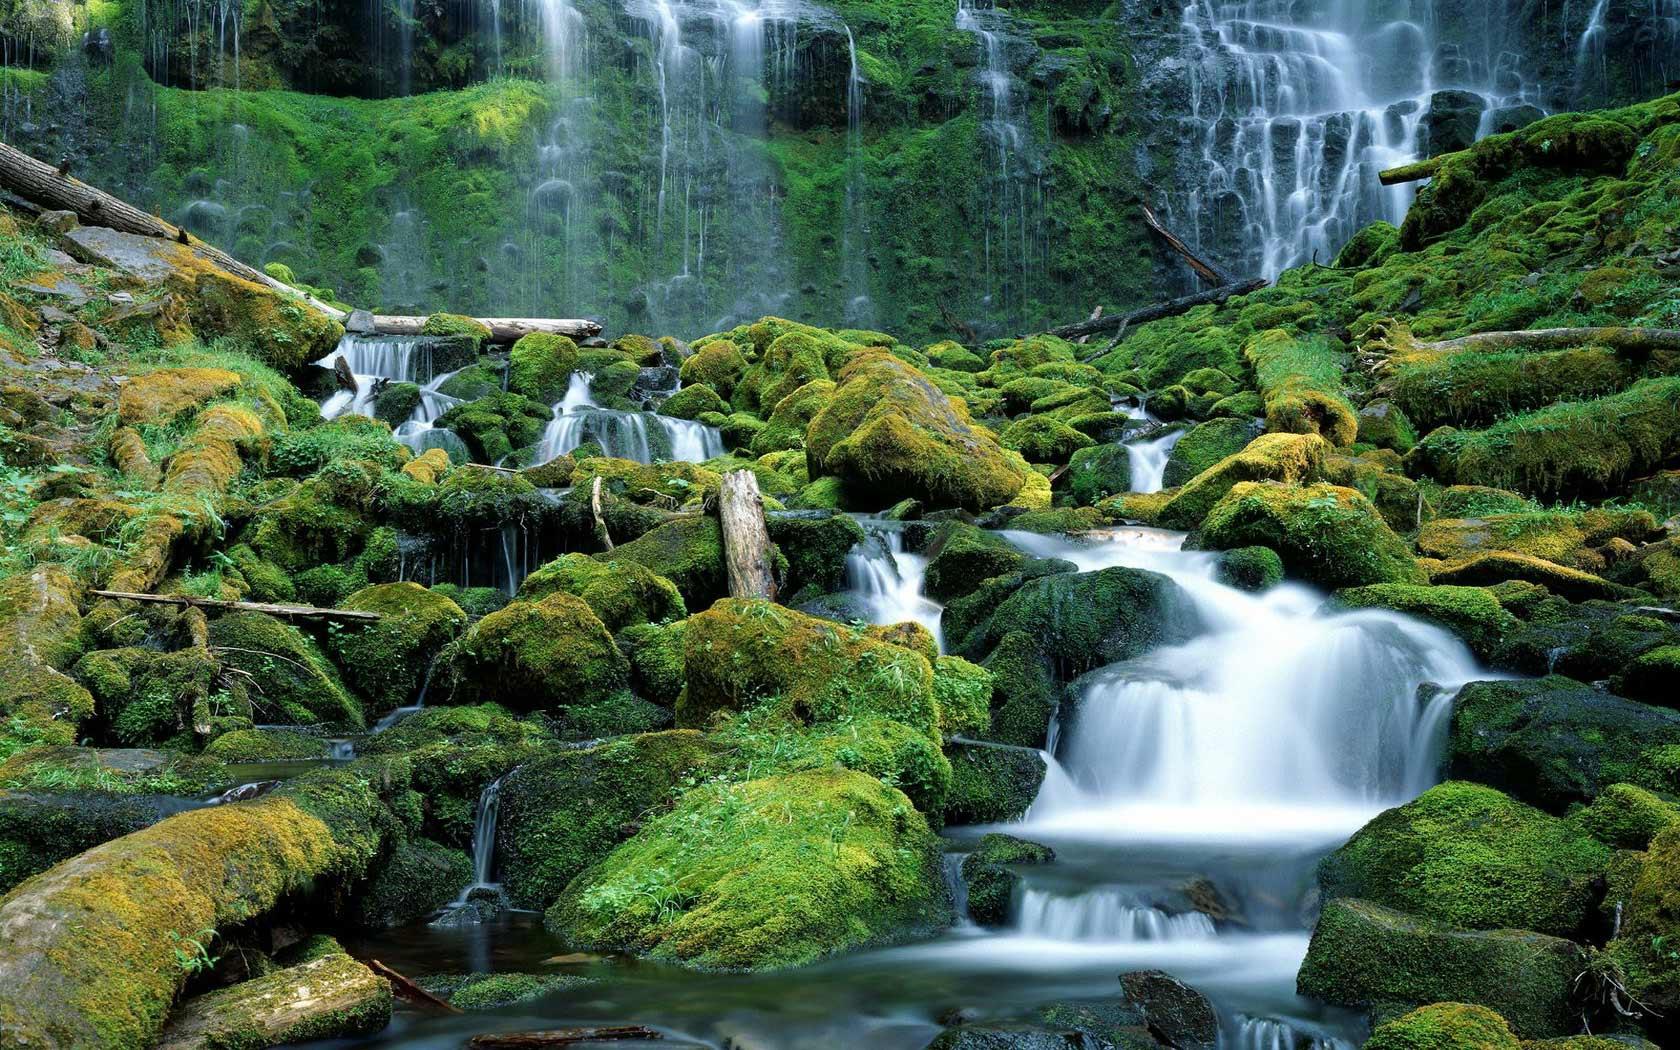 Oregon desktop wallpaper wallpapersafari - Oregon nature wallpaper ...